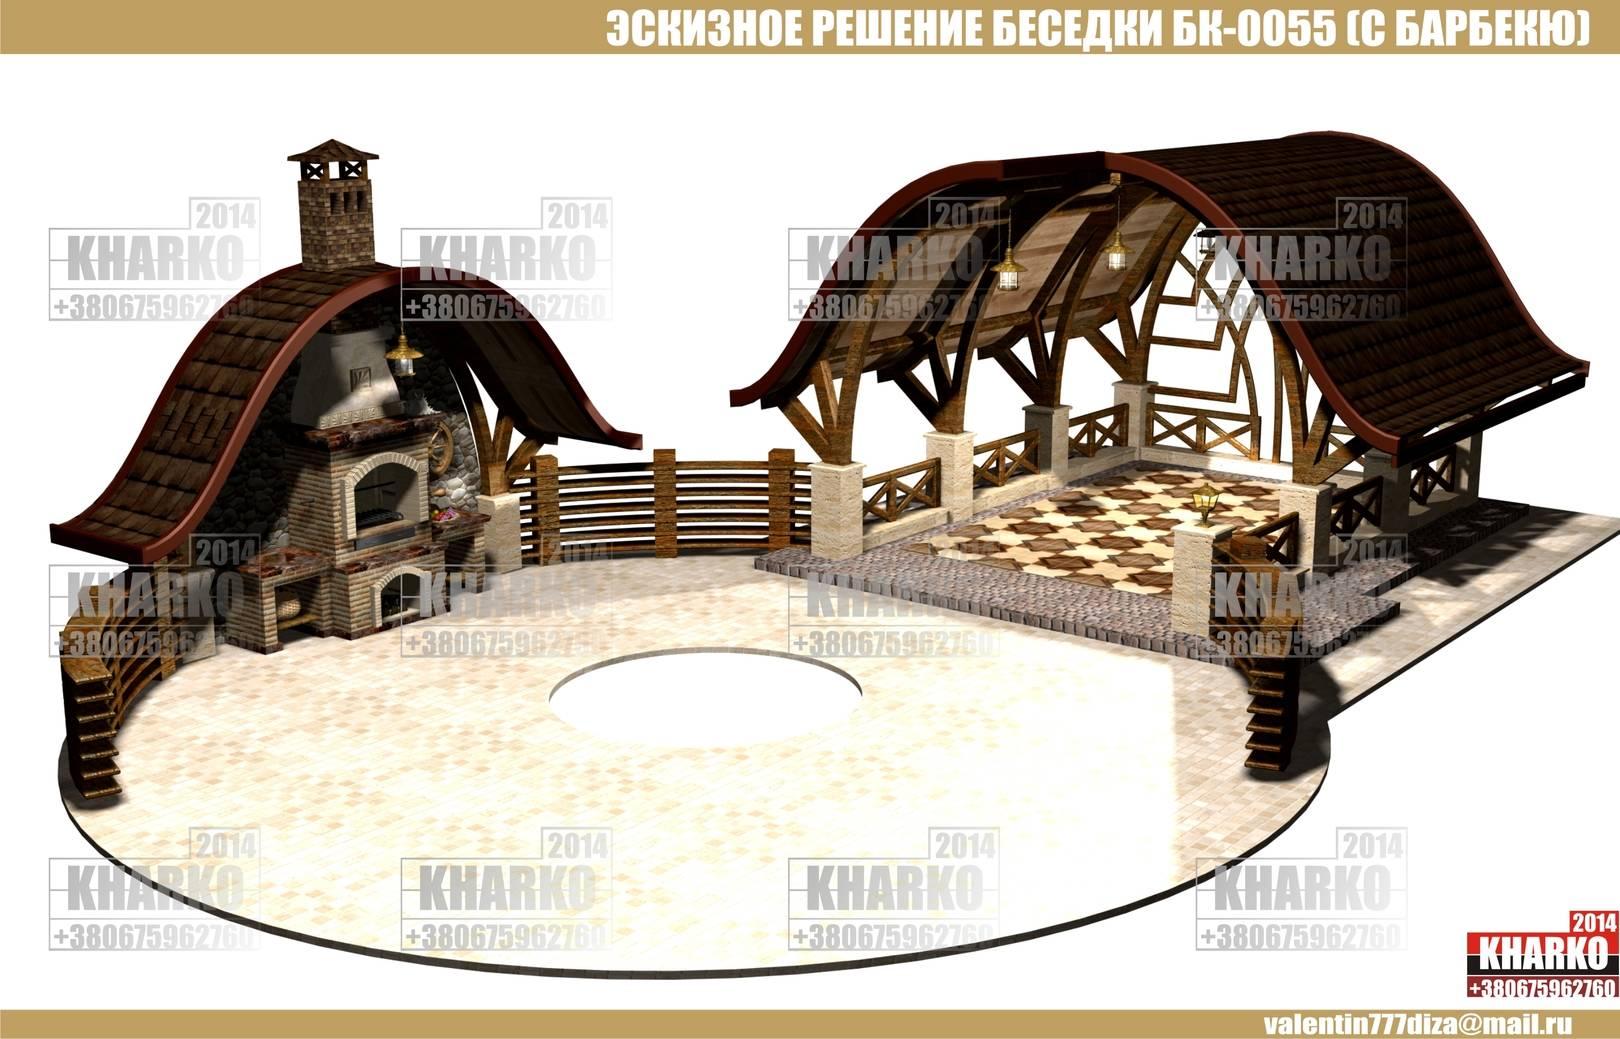 проект беседки БК-0055 (с барбекю), project pergola, gazebo, shed  общая площадь беседки- 24,8 м. кв. эксплуатируемая площадь беседки-21,4 м.кв. габаритные размеры - 4 м. на 6,2 м. тип фундамента-монолитный ж/б материал наружной стены и опор-кирпич, бетон,дерево тип кровли-битумная черепица, керамика Наружная отделка цоколя -декоративный камень Стоимость проекта- 1500 грн.